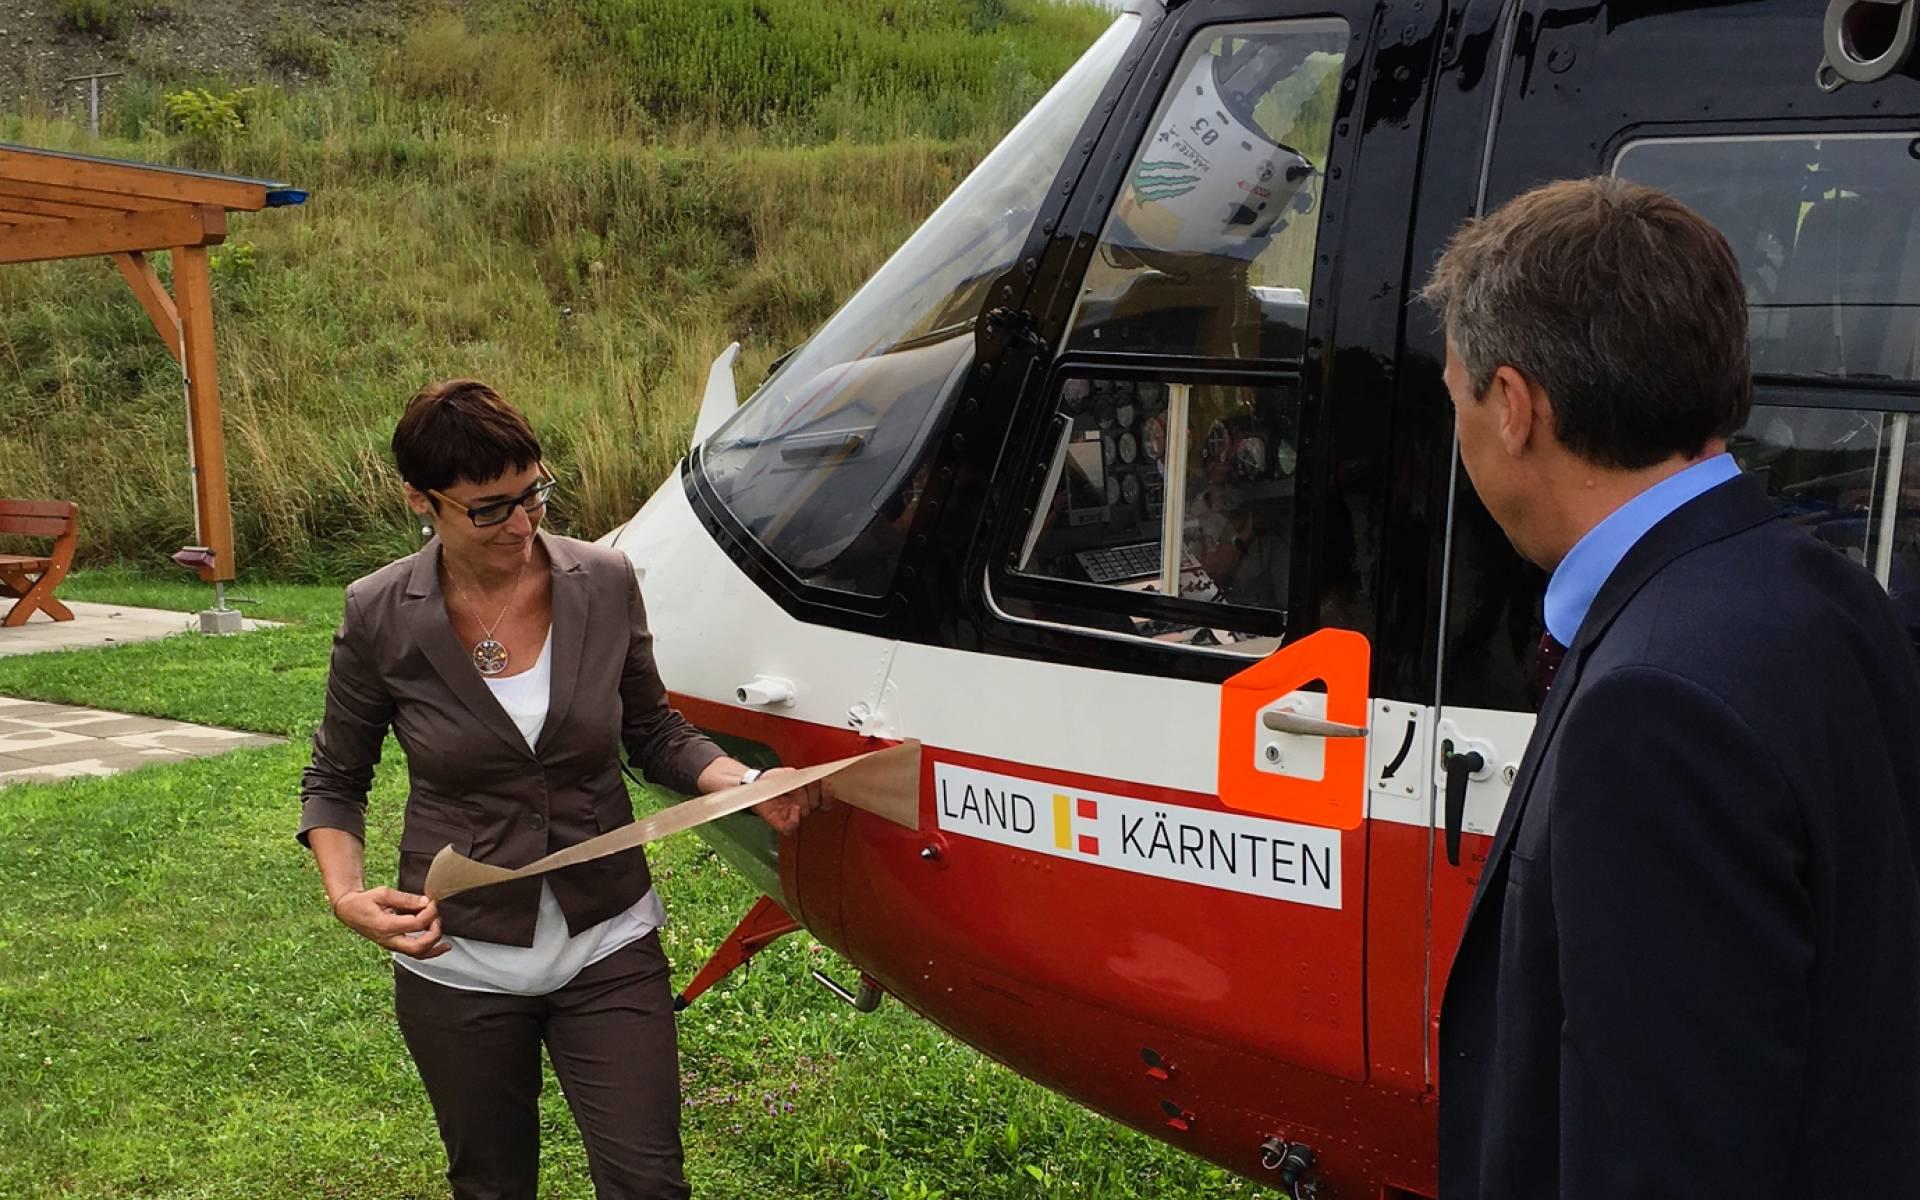 Dr. Beate Prettner enthüllte im Anschluss an die Pressekonferenz das Logo des Landes Kärnten.